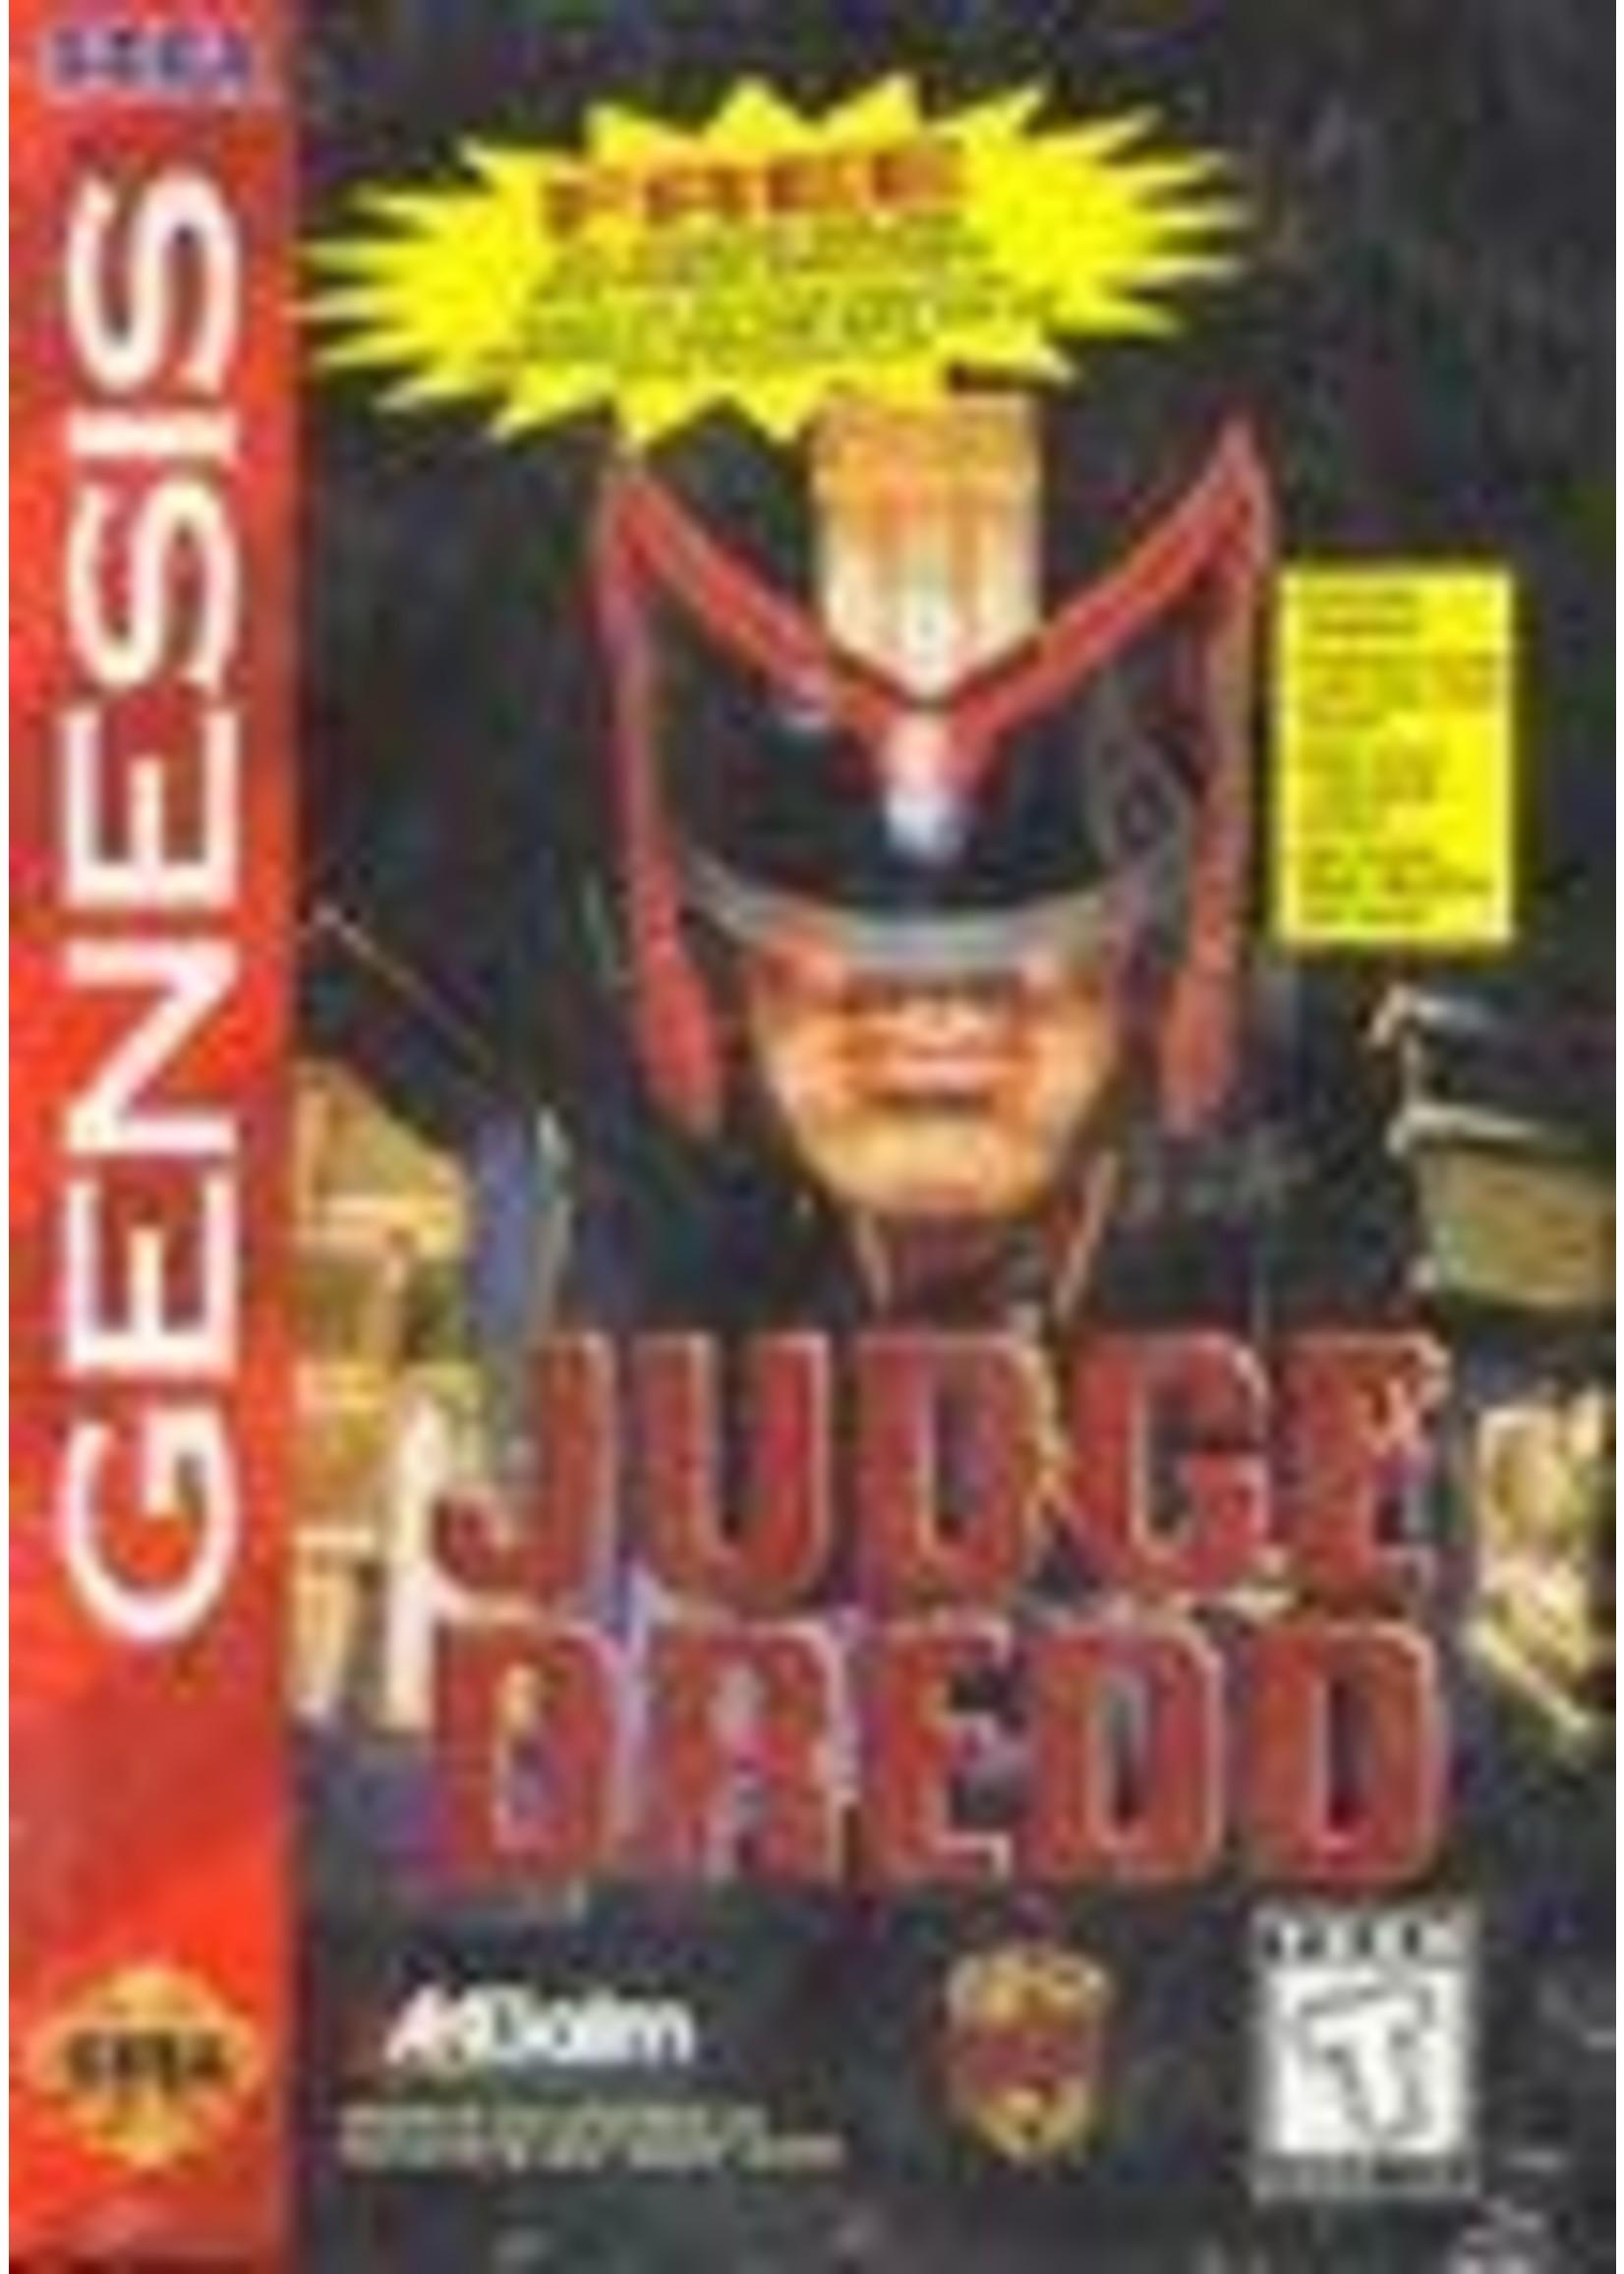 Judge Dredd Sega Genesis